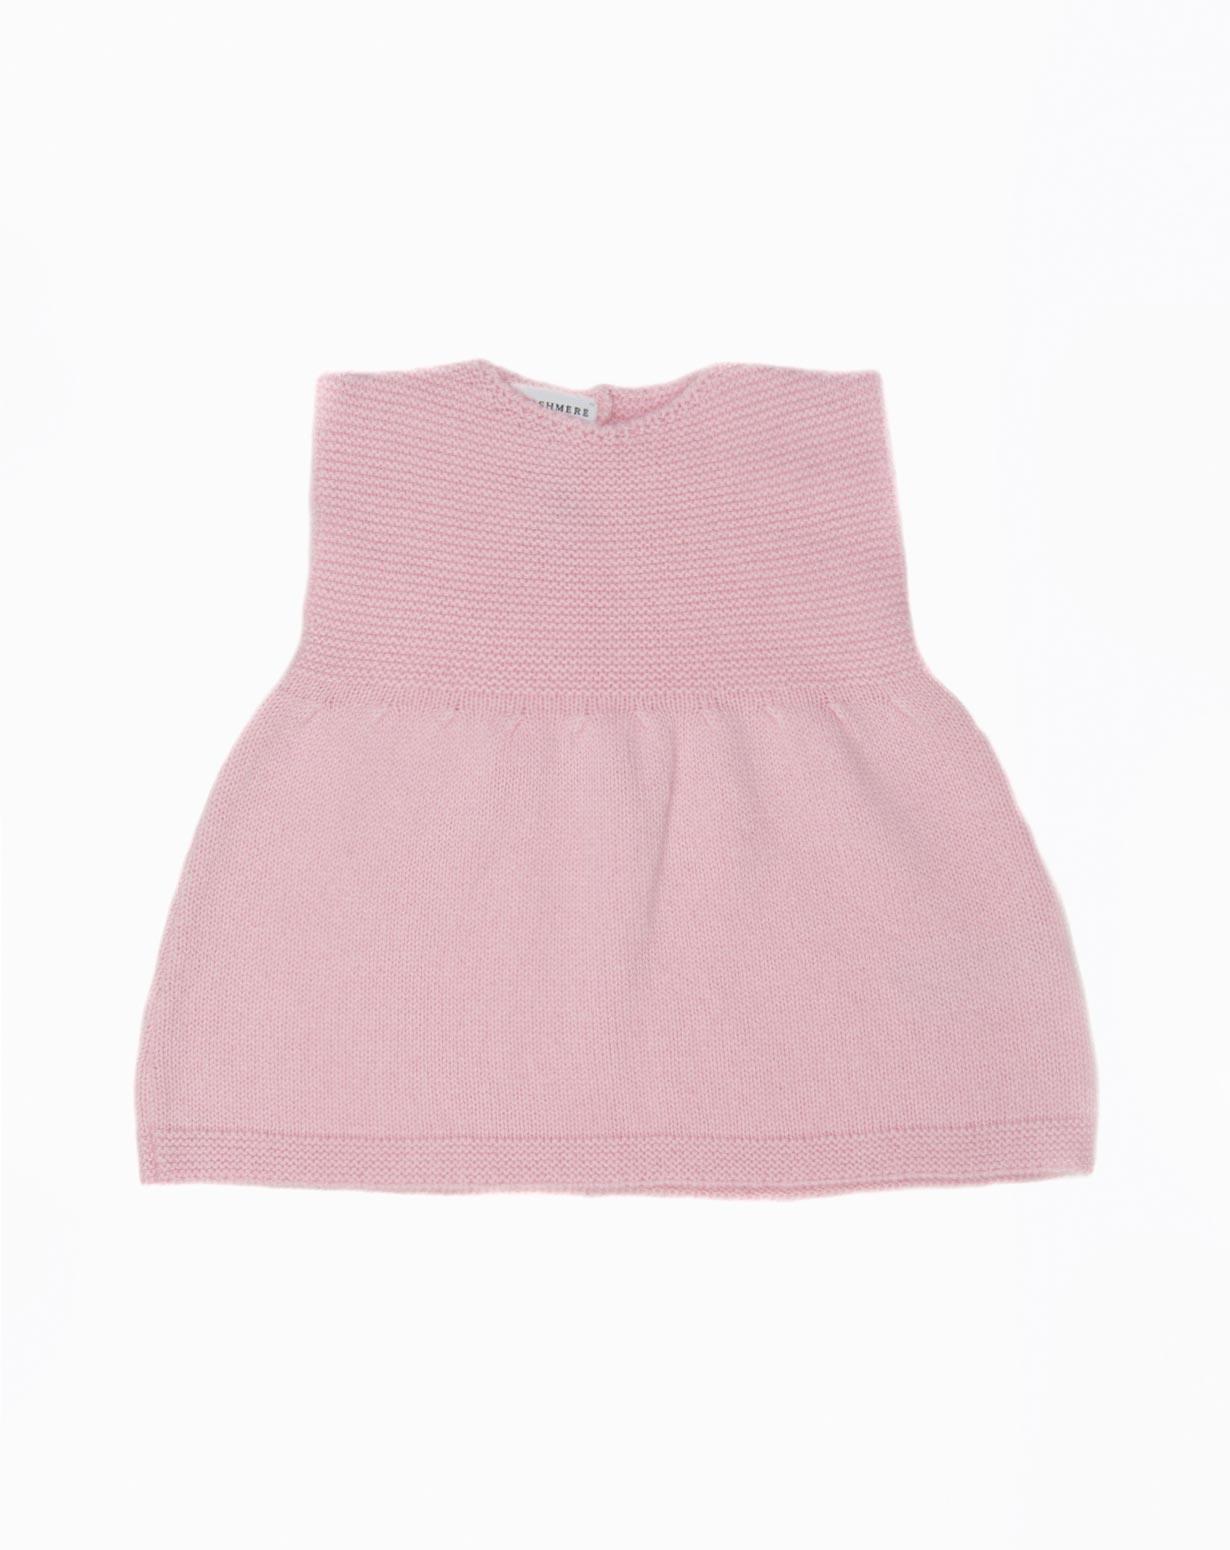 Cashmere Links Stitch Baby Dress